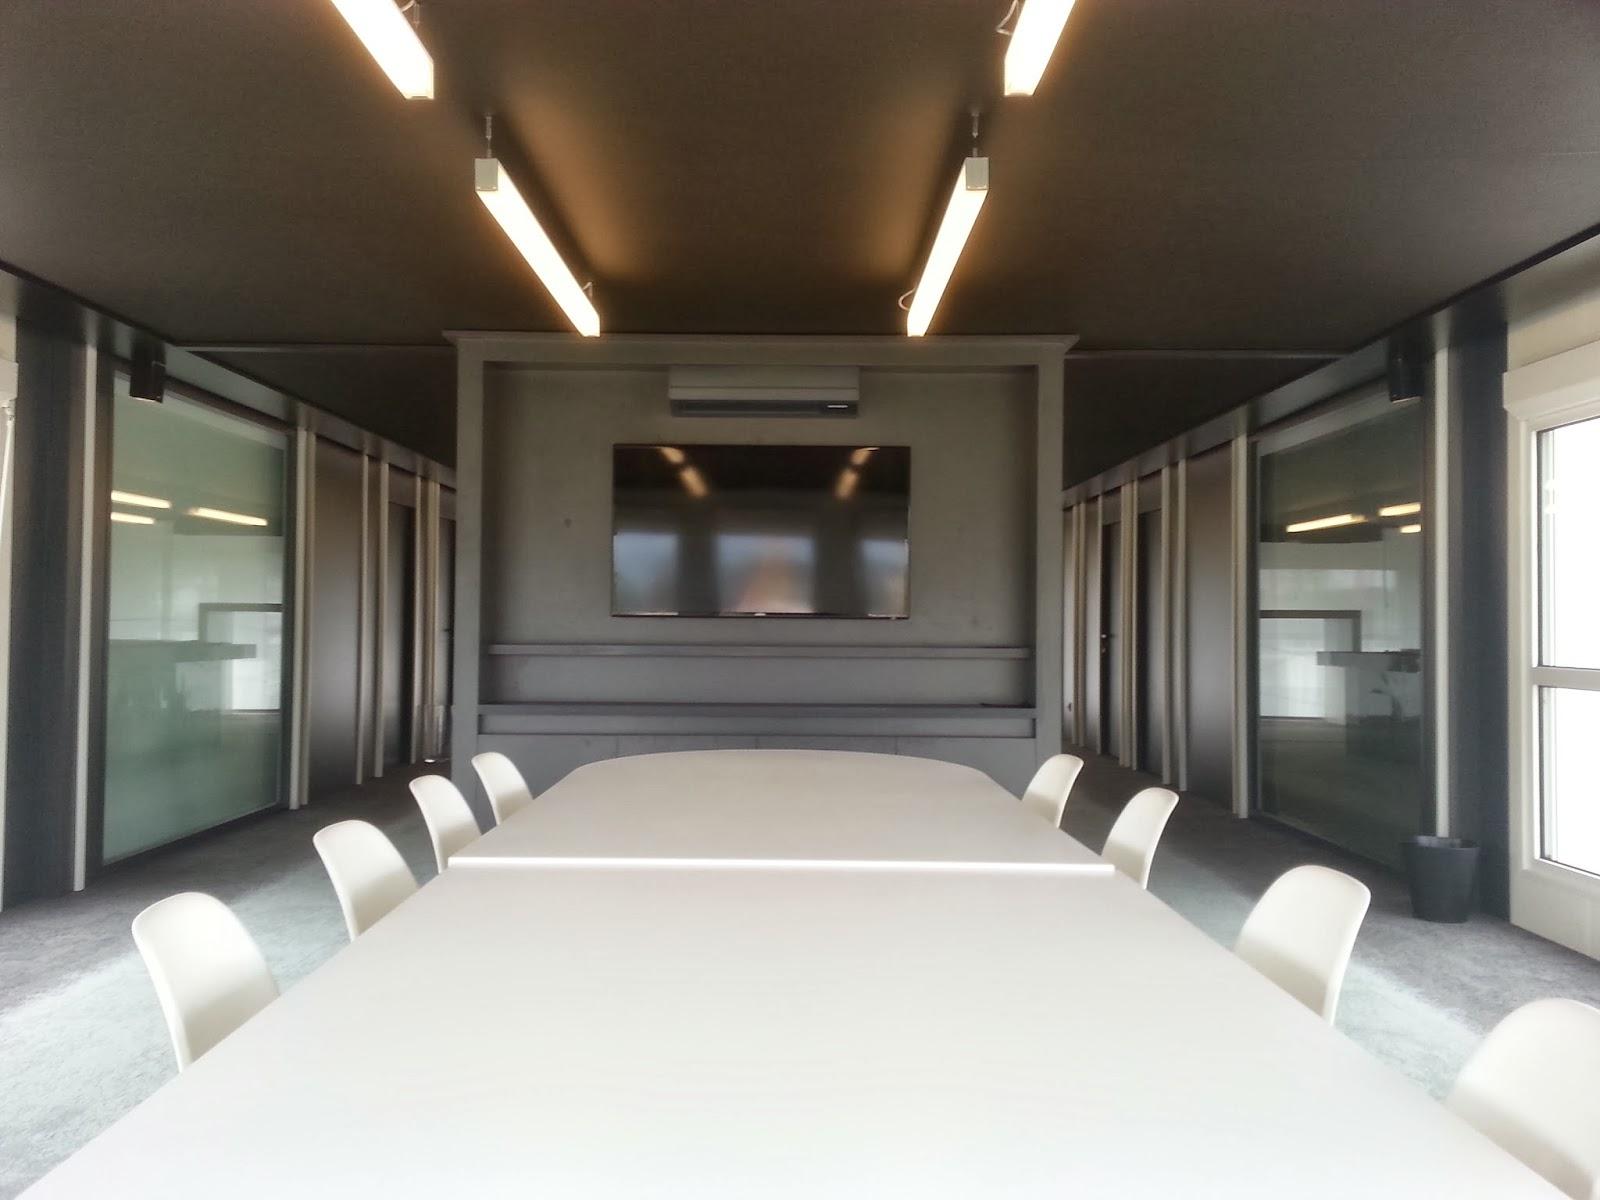 agence d 39 architecture int rieure parallel paris f vrier 2014. Black Bedroom Furniture Sets. Home Design Ideas